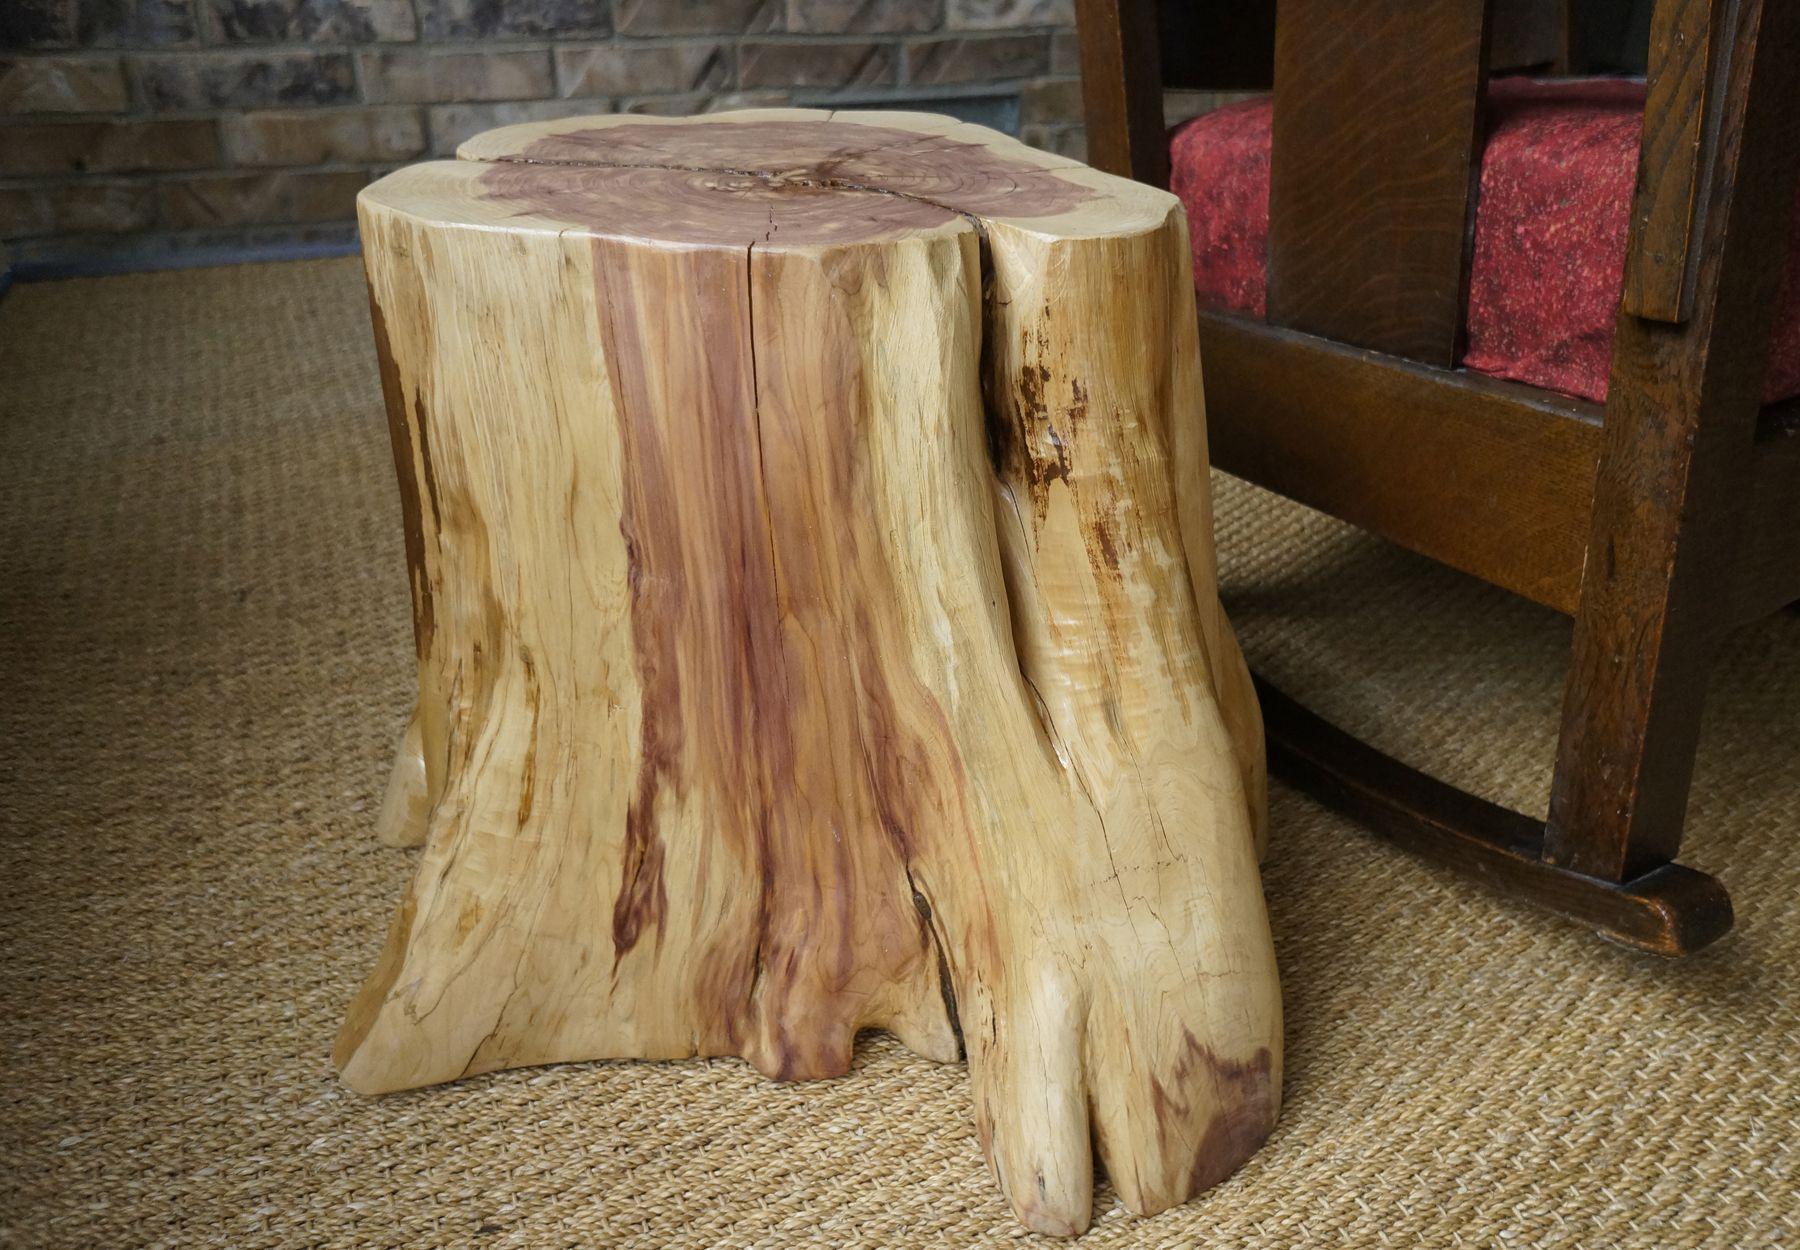 Les 25 meilleures id es de la cat gorie table souche sur pinterest table tronc d 39 arbre table - Souche d arbre decorative ...